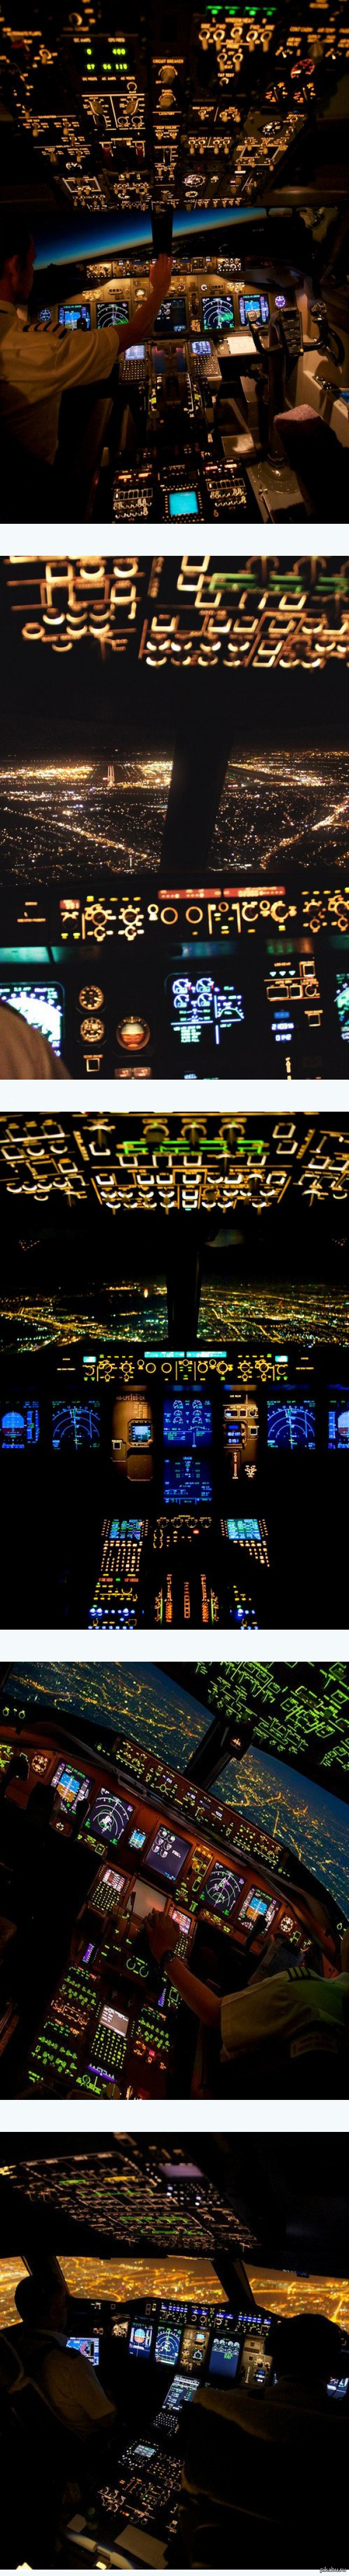 Ночной полет из кабины пилота